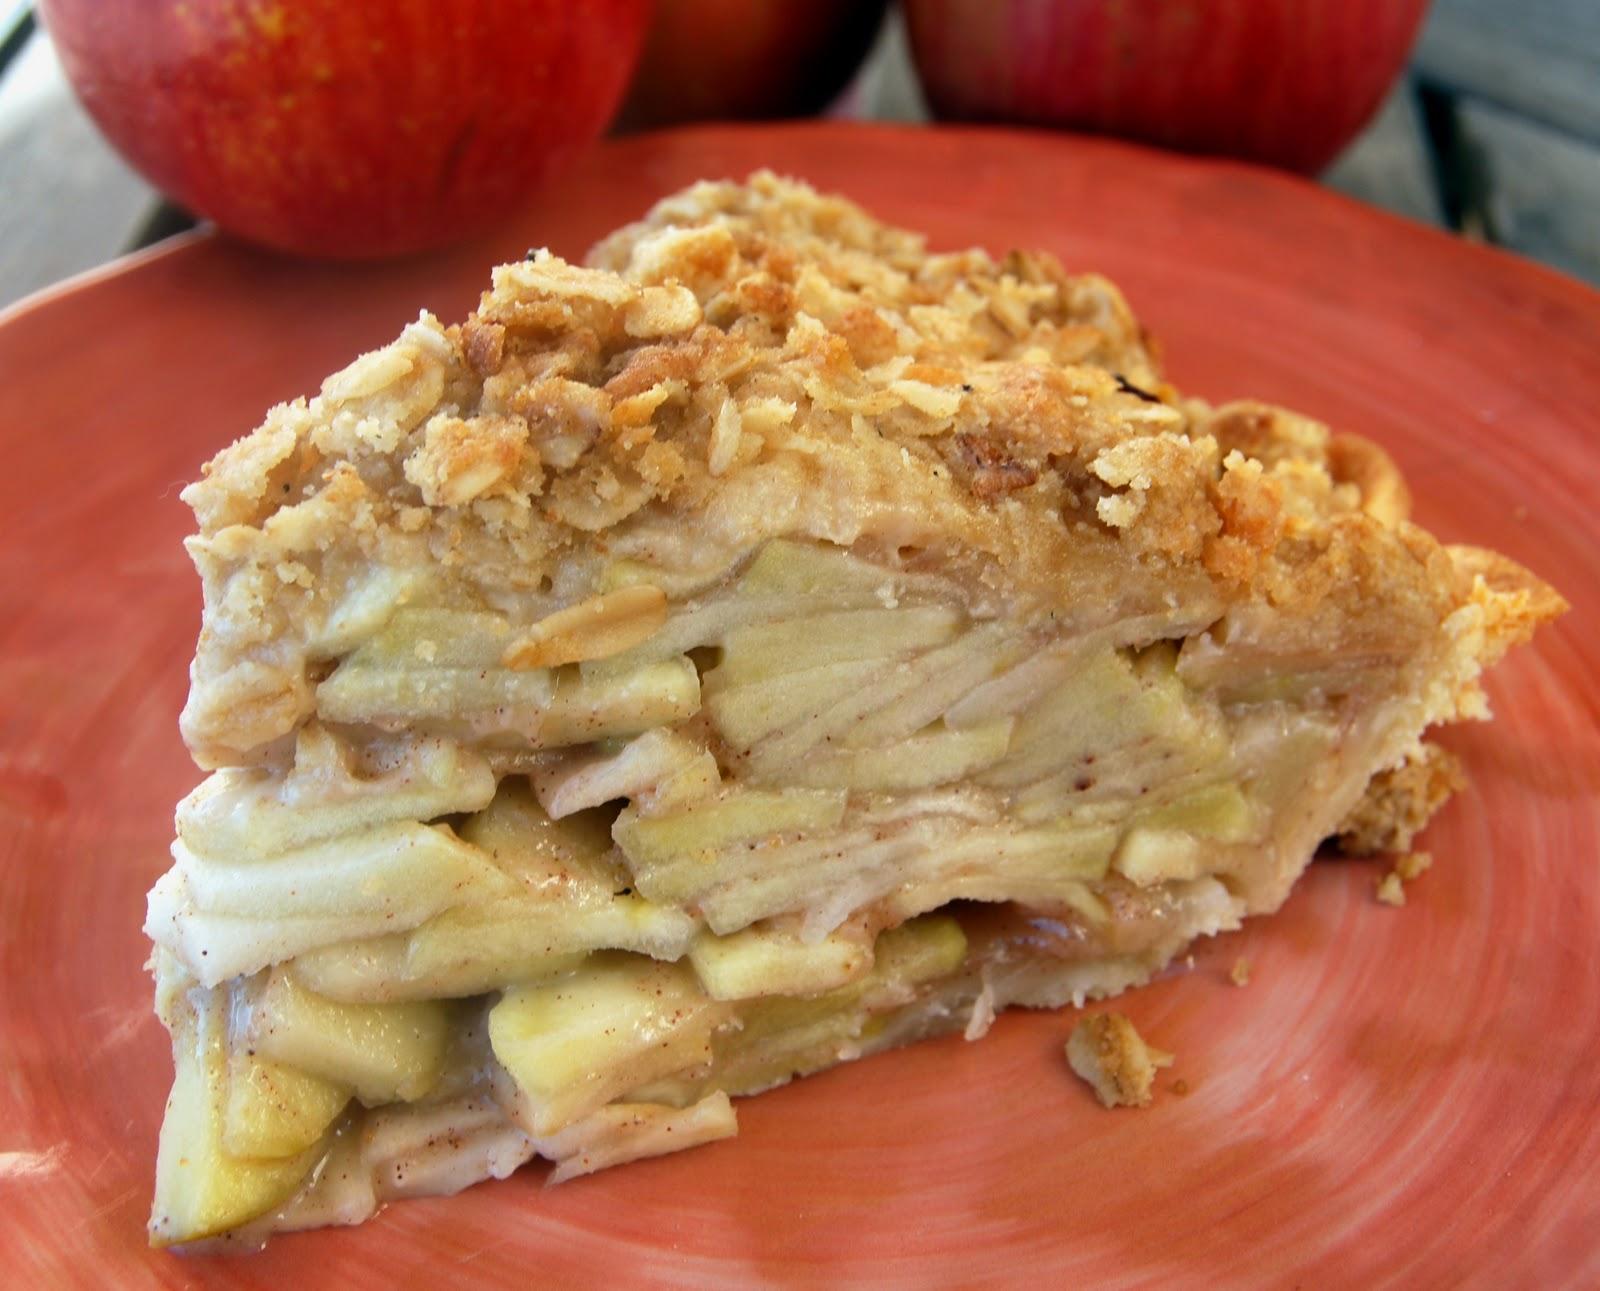 Scott's Old Fashion Apple Pie